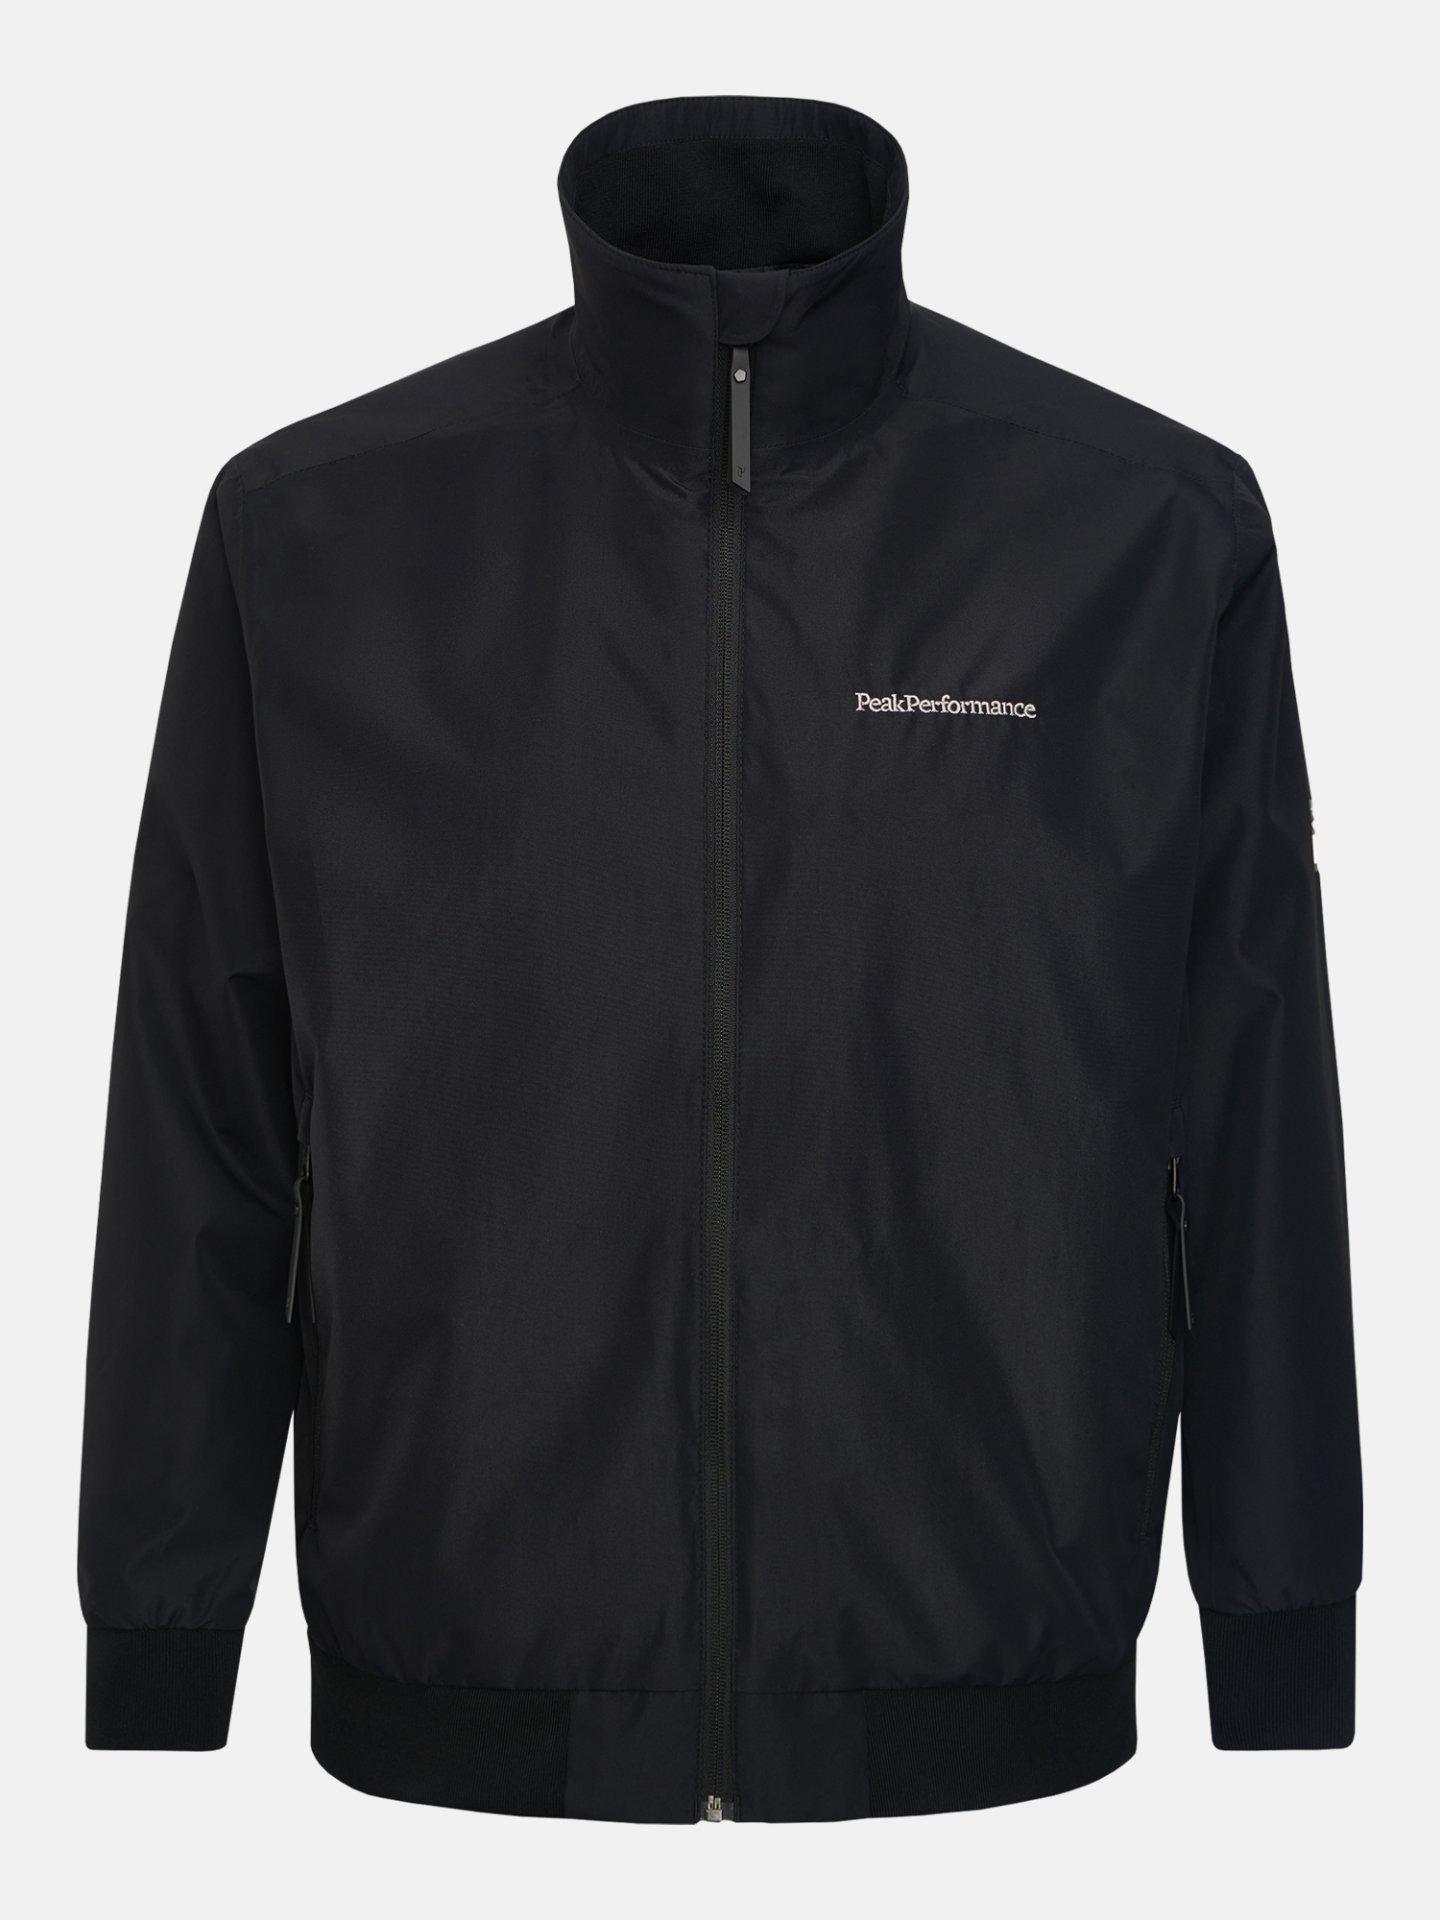 Peak Performance Coastal jacket 2020